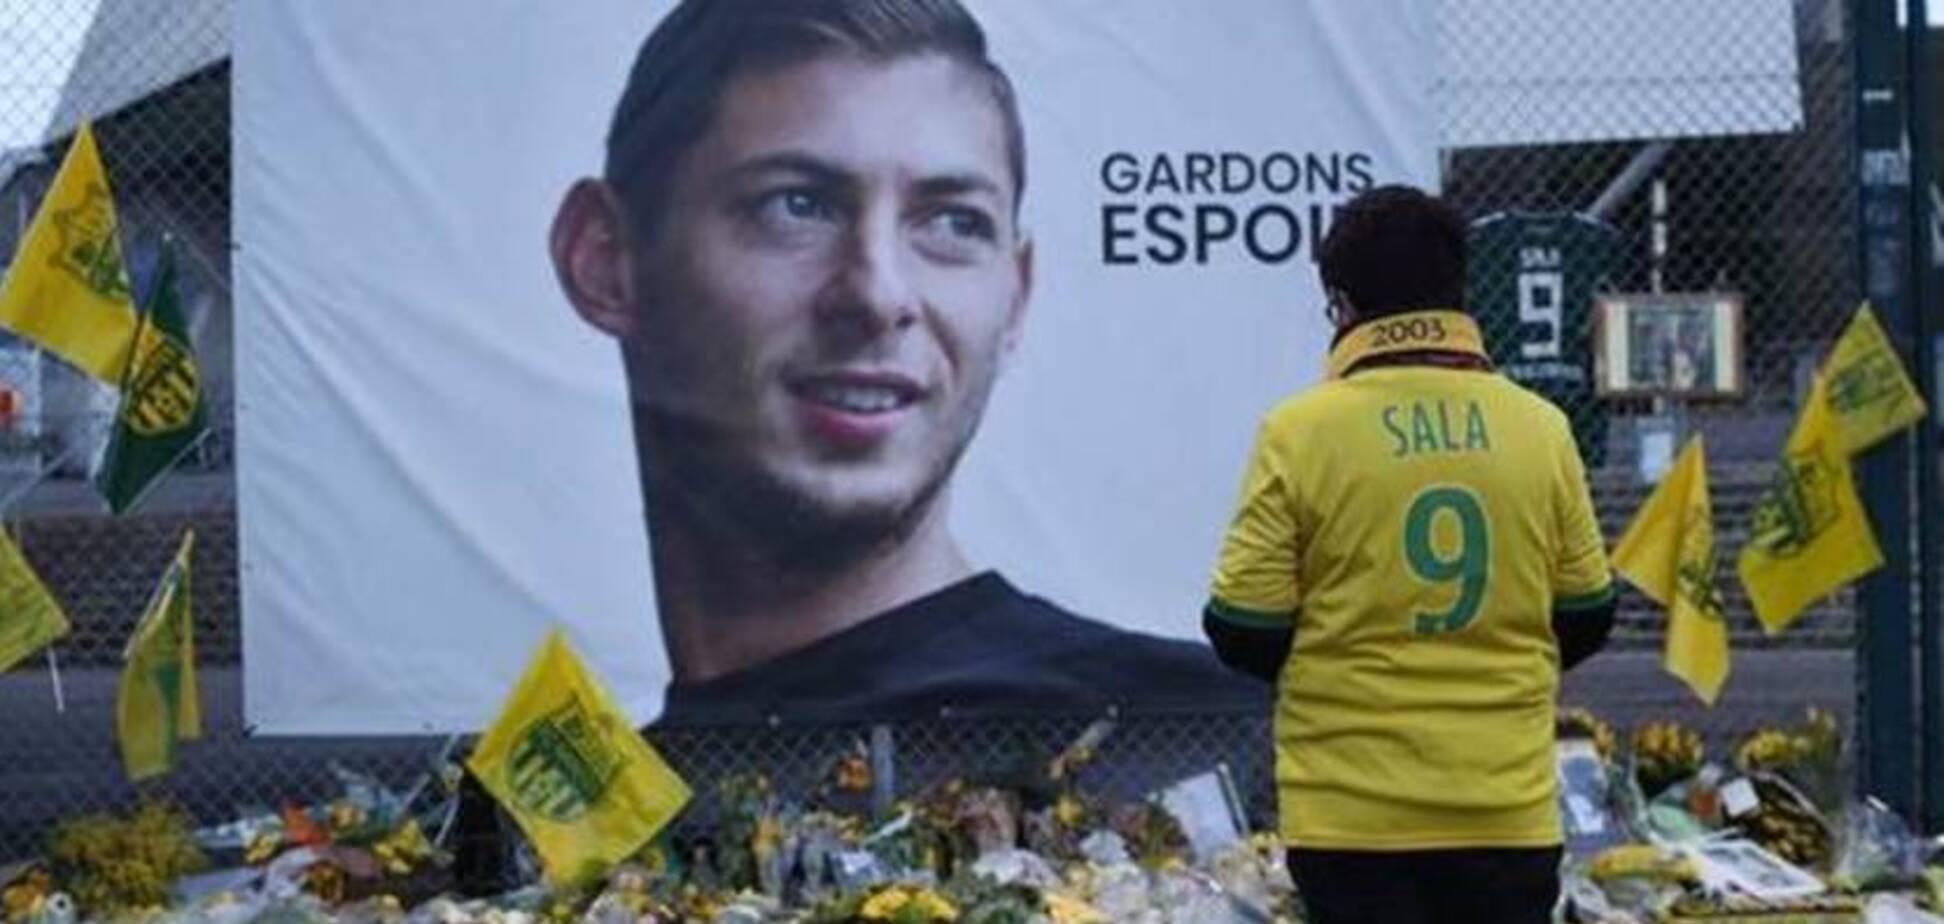 Опознано тело, поднятое из обломков самолета с пропавшим футболистом